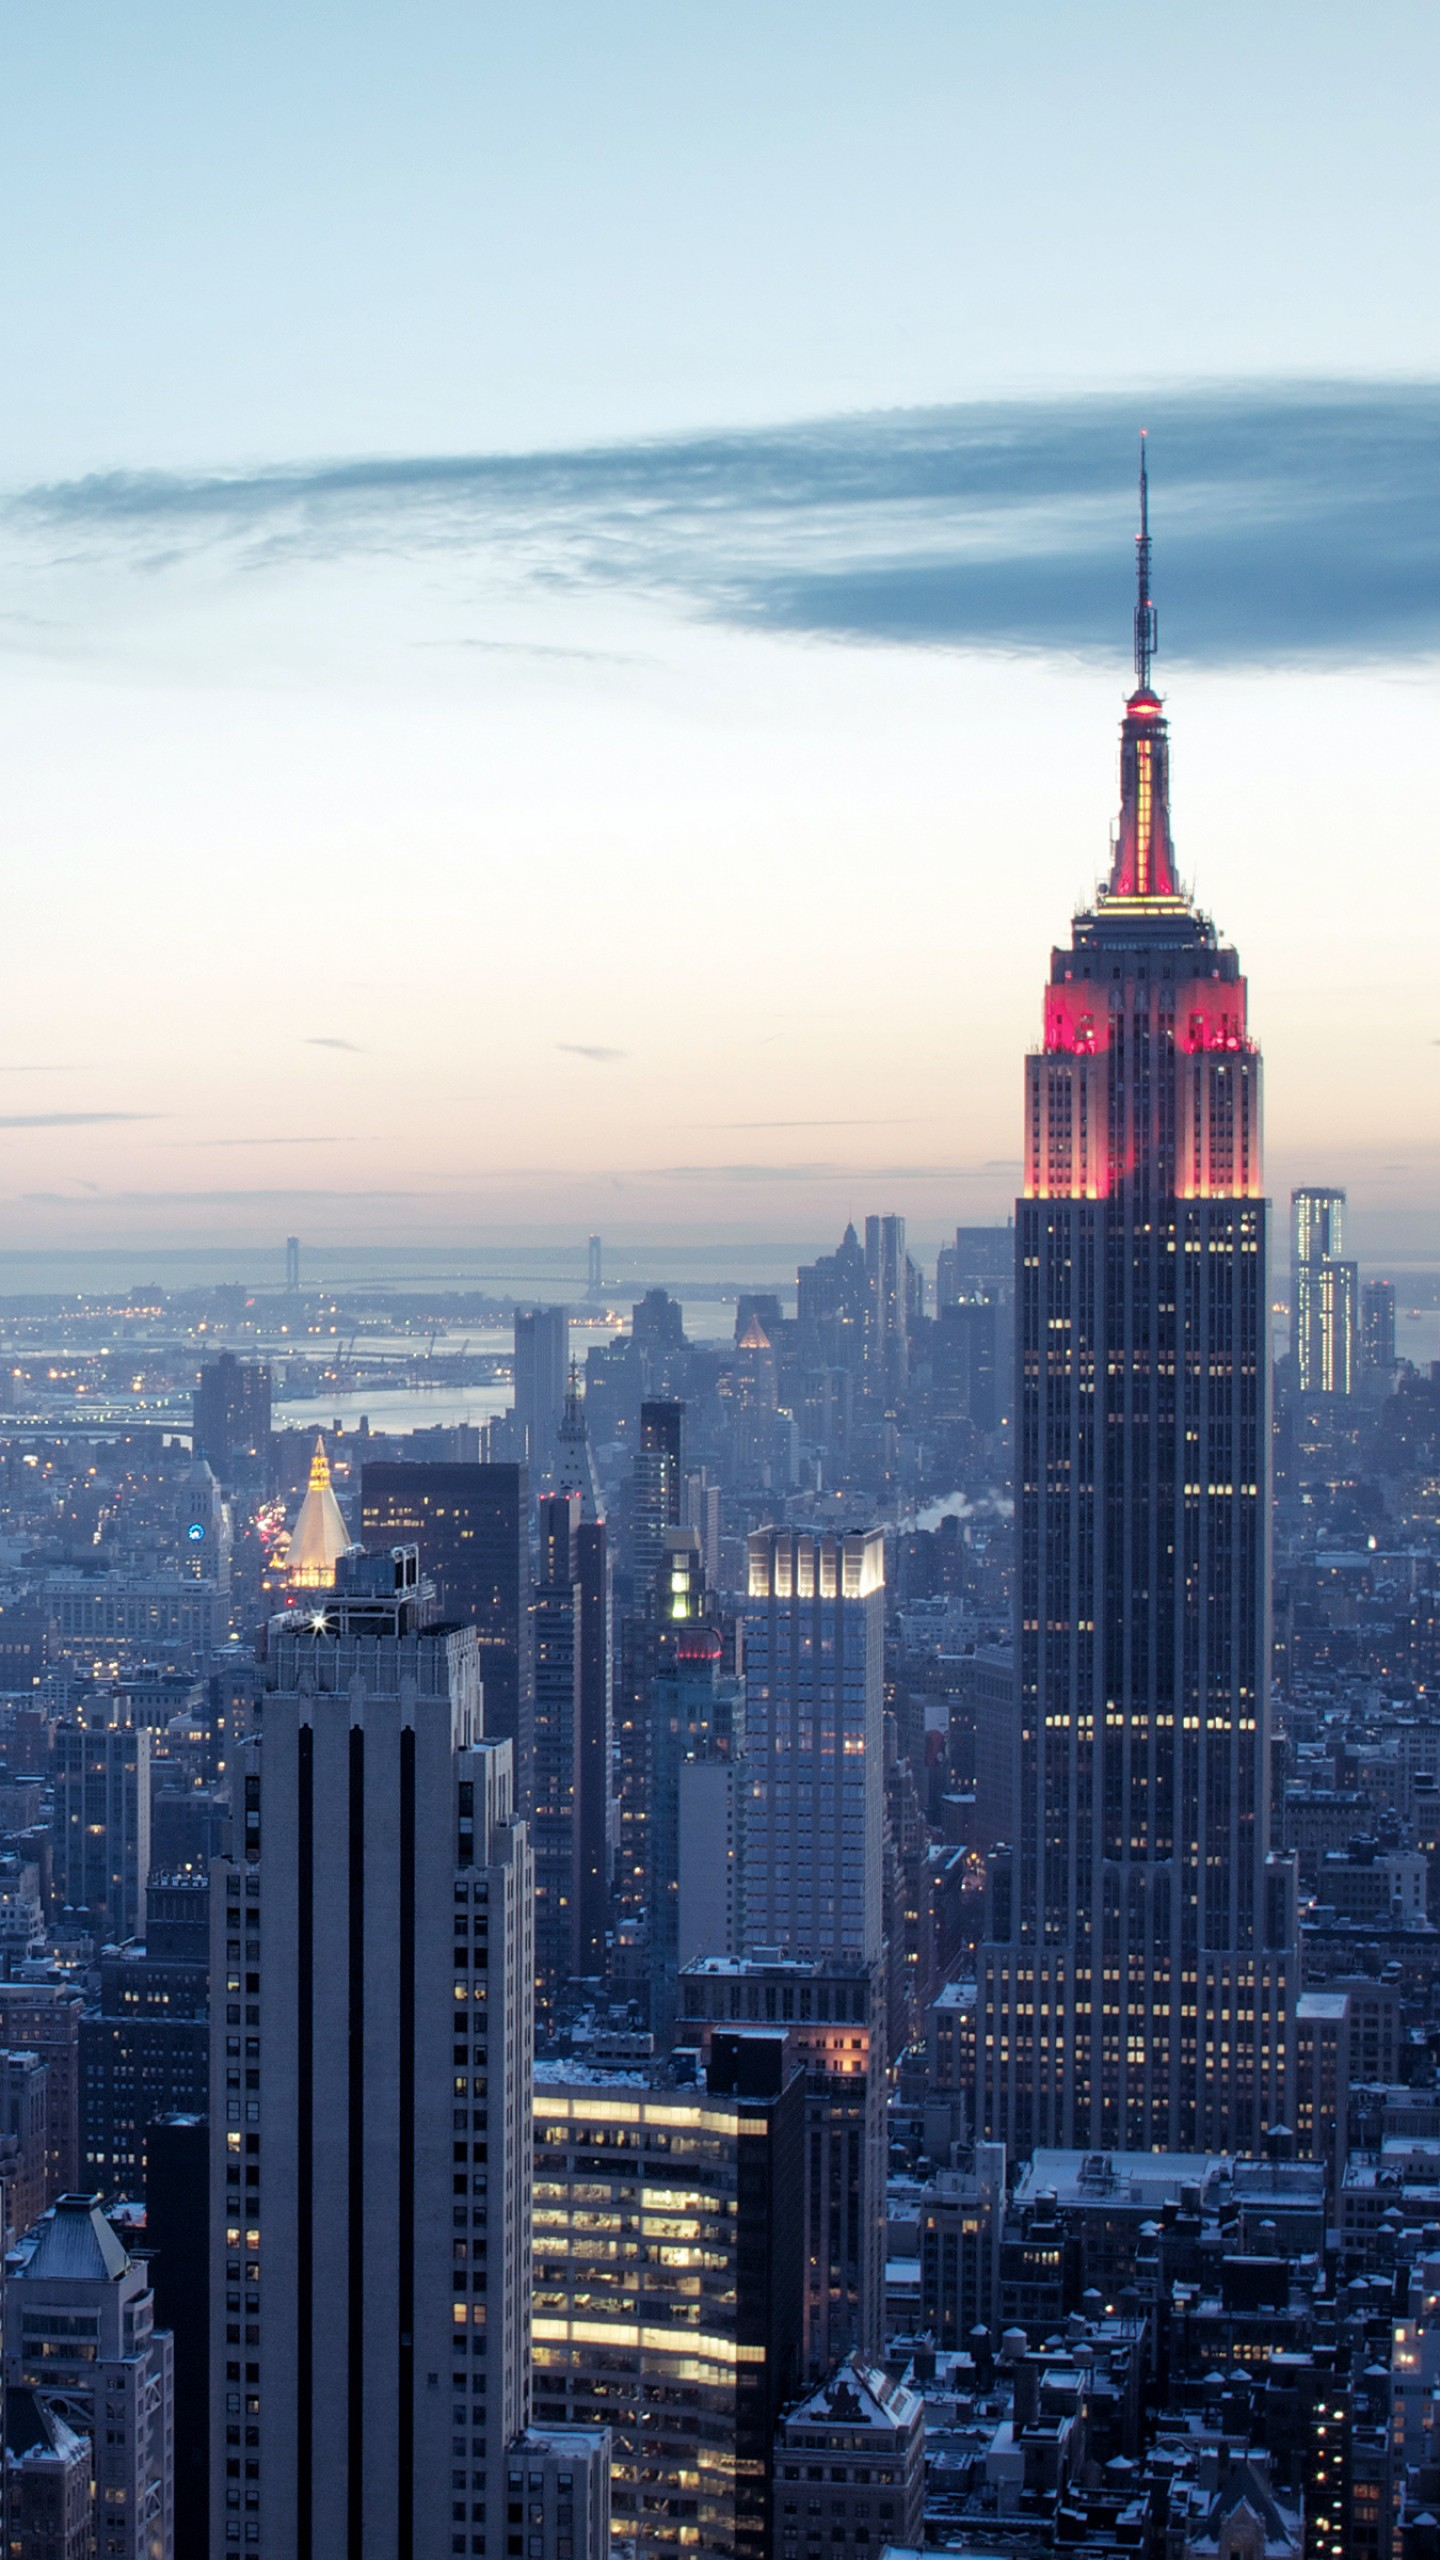 عکس زمینه آسمان خراش و ساختمان امپایر استیت در شهر نیویورک پس زمینه